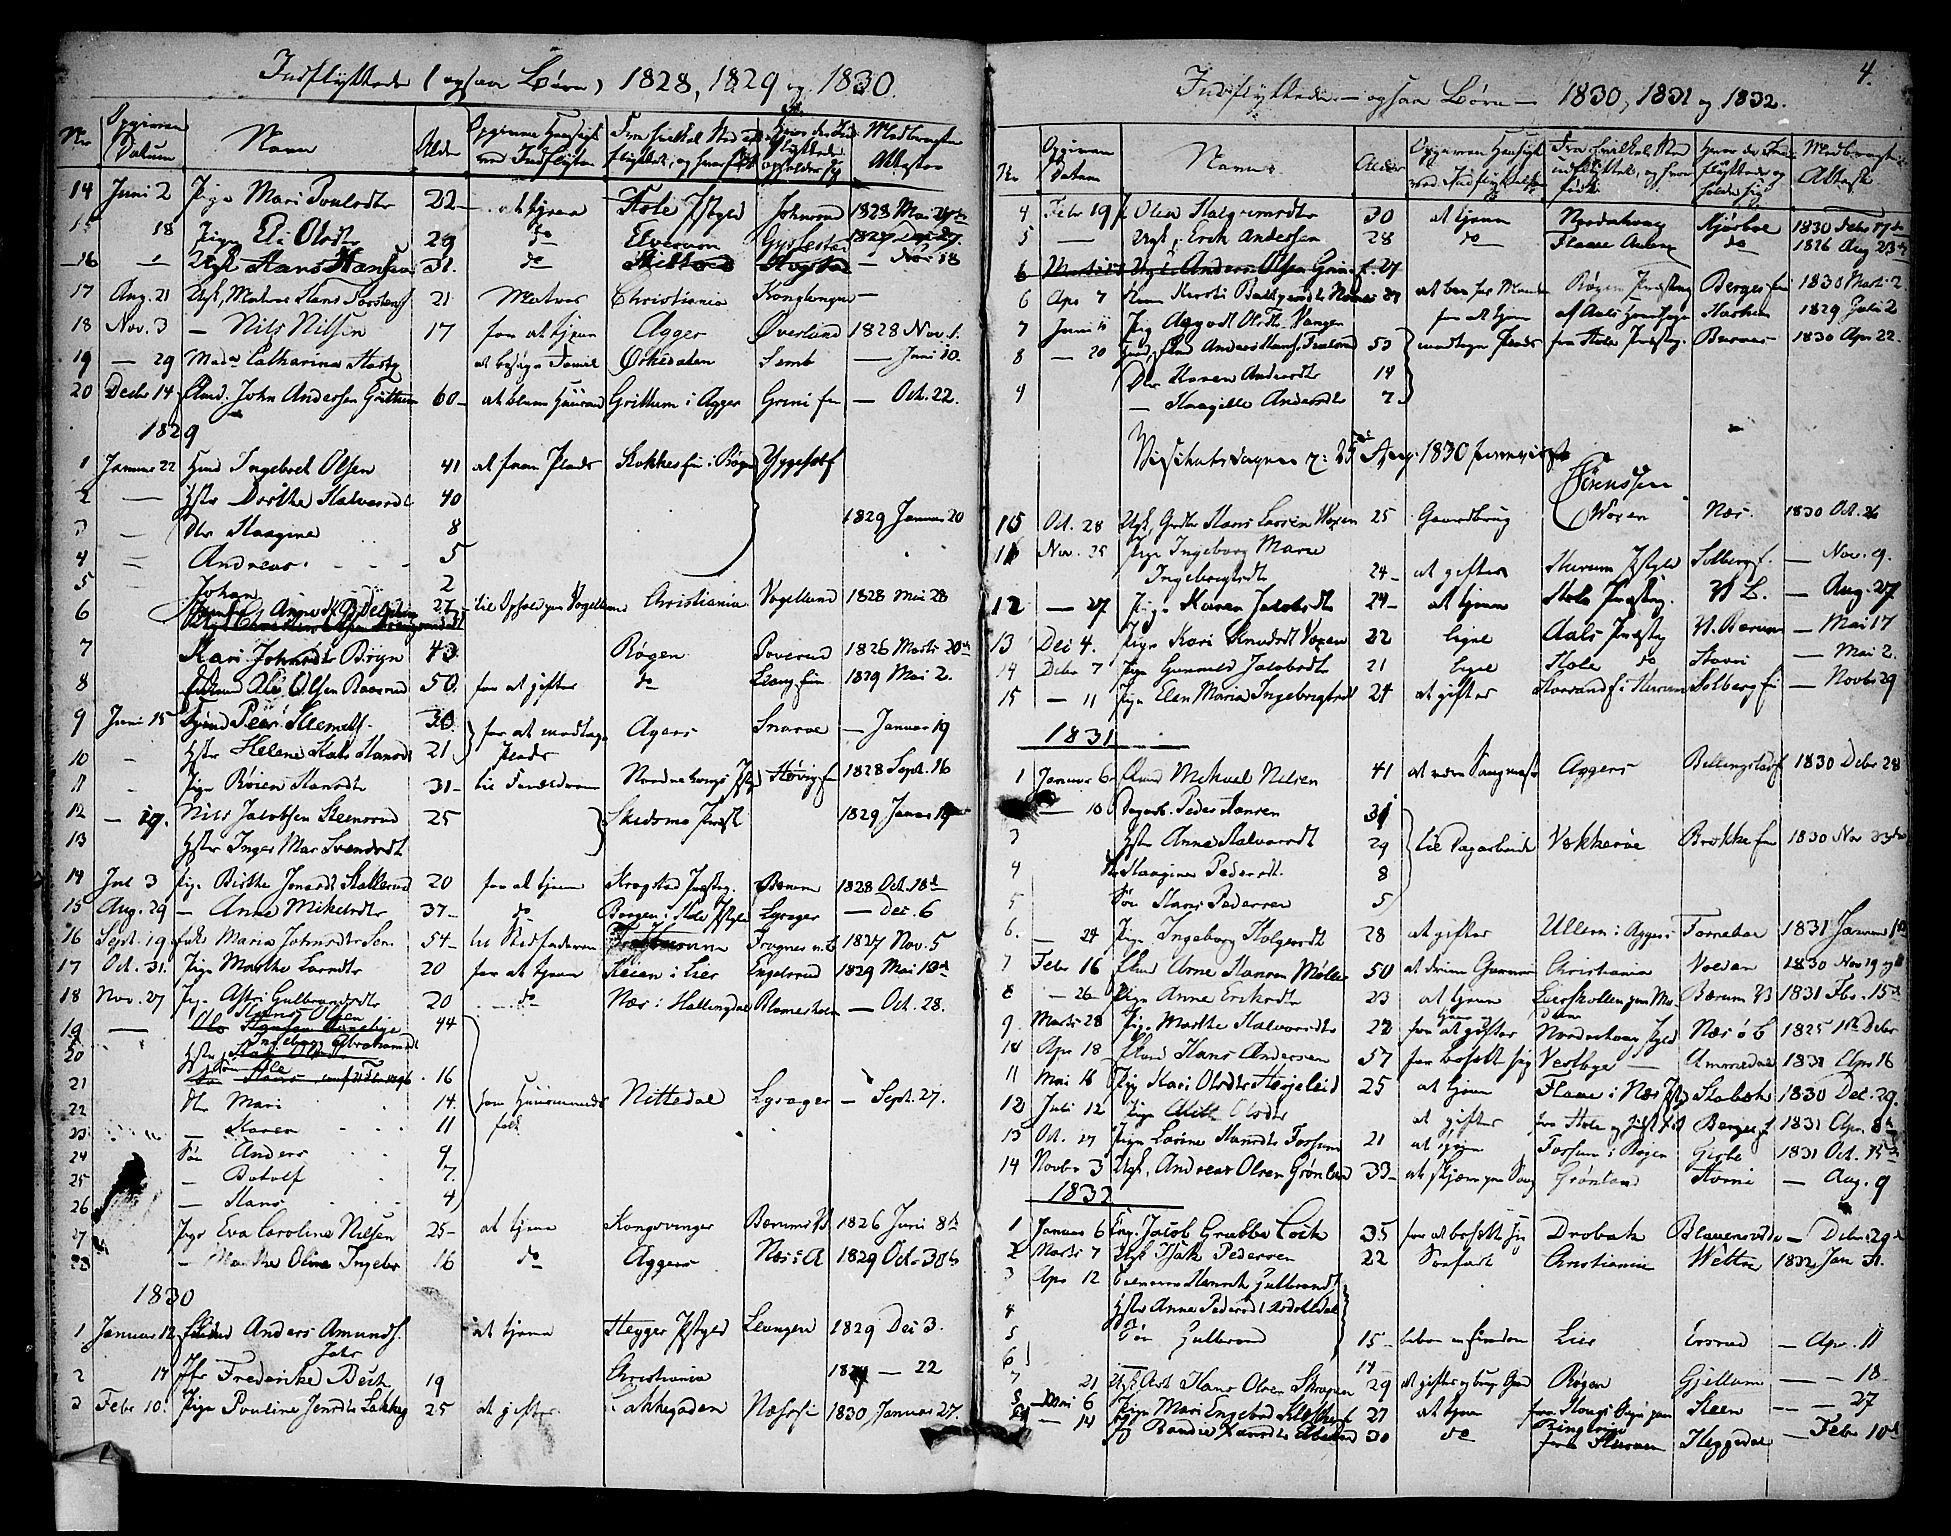 SAO, Asker prestekontor Kirkebøker, F/Fa/L0012: Ministerialbok nr. I 12, 1825-1878, s. 4